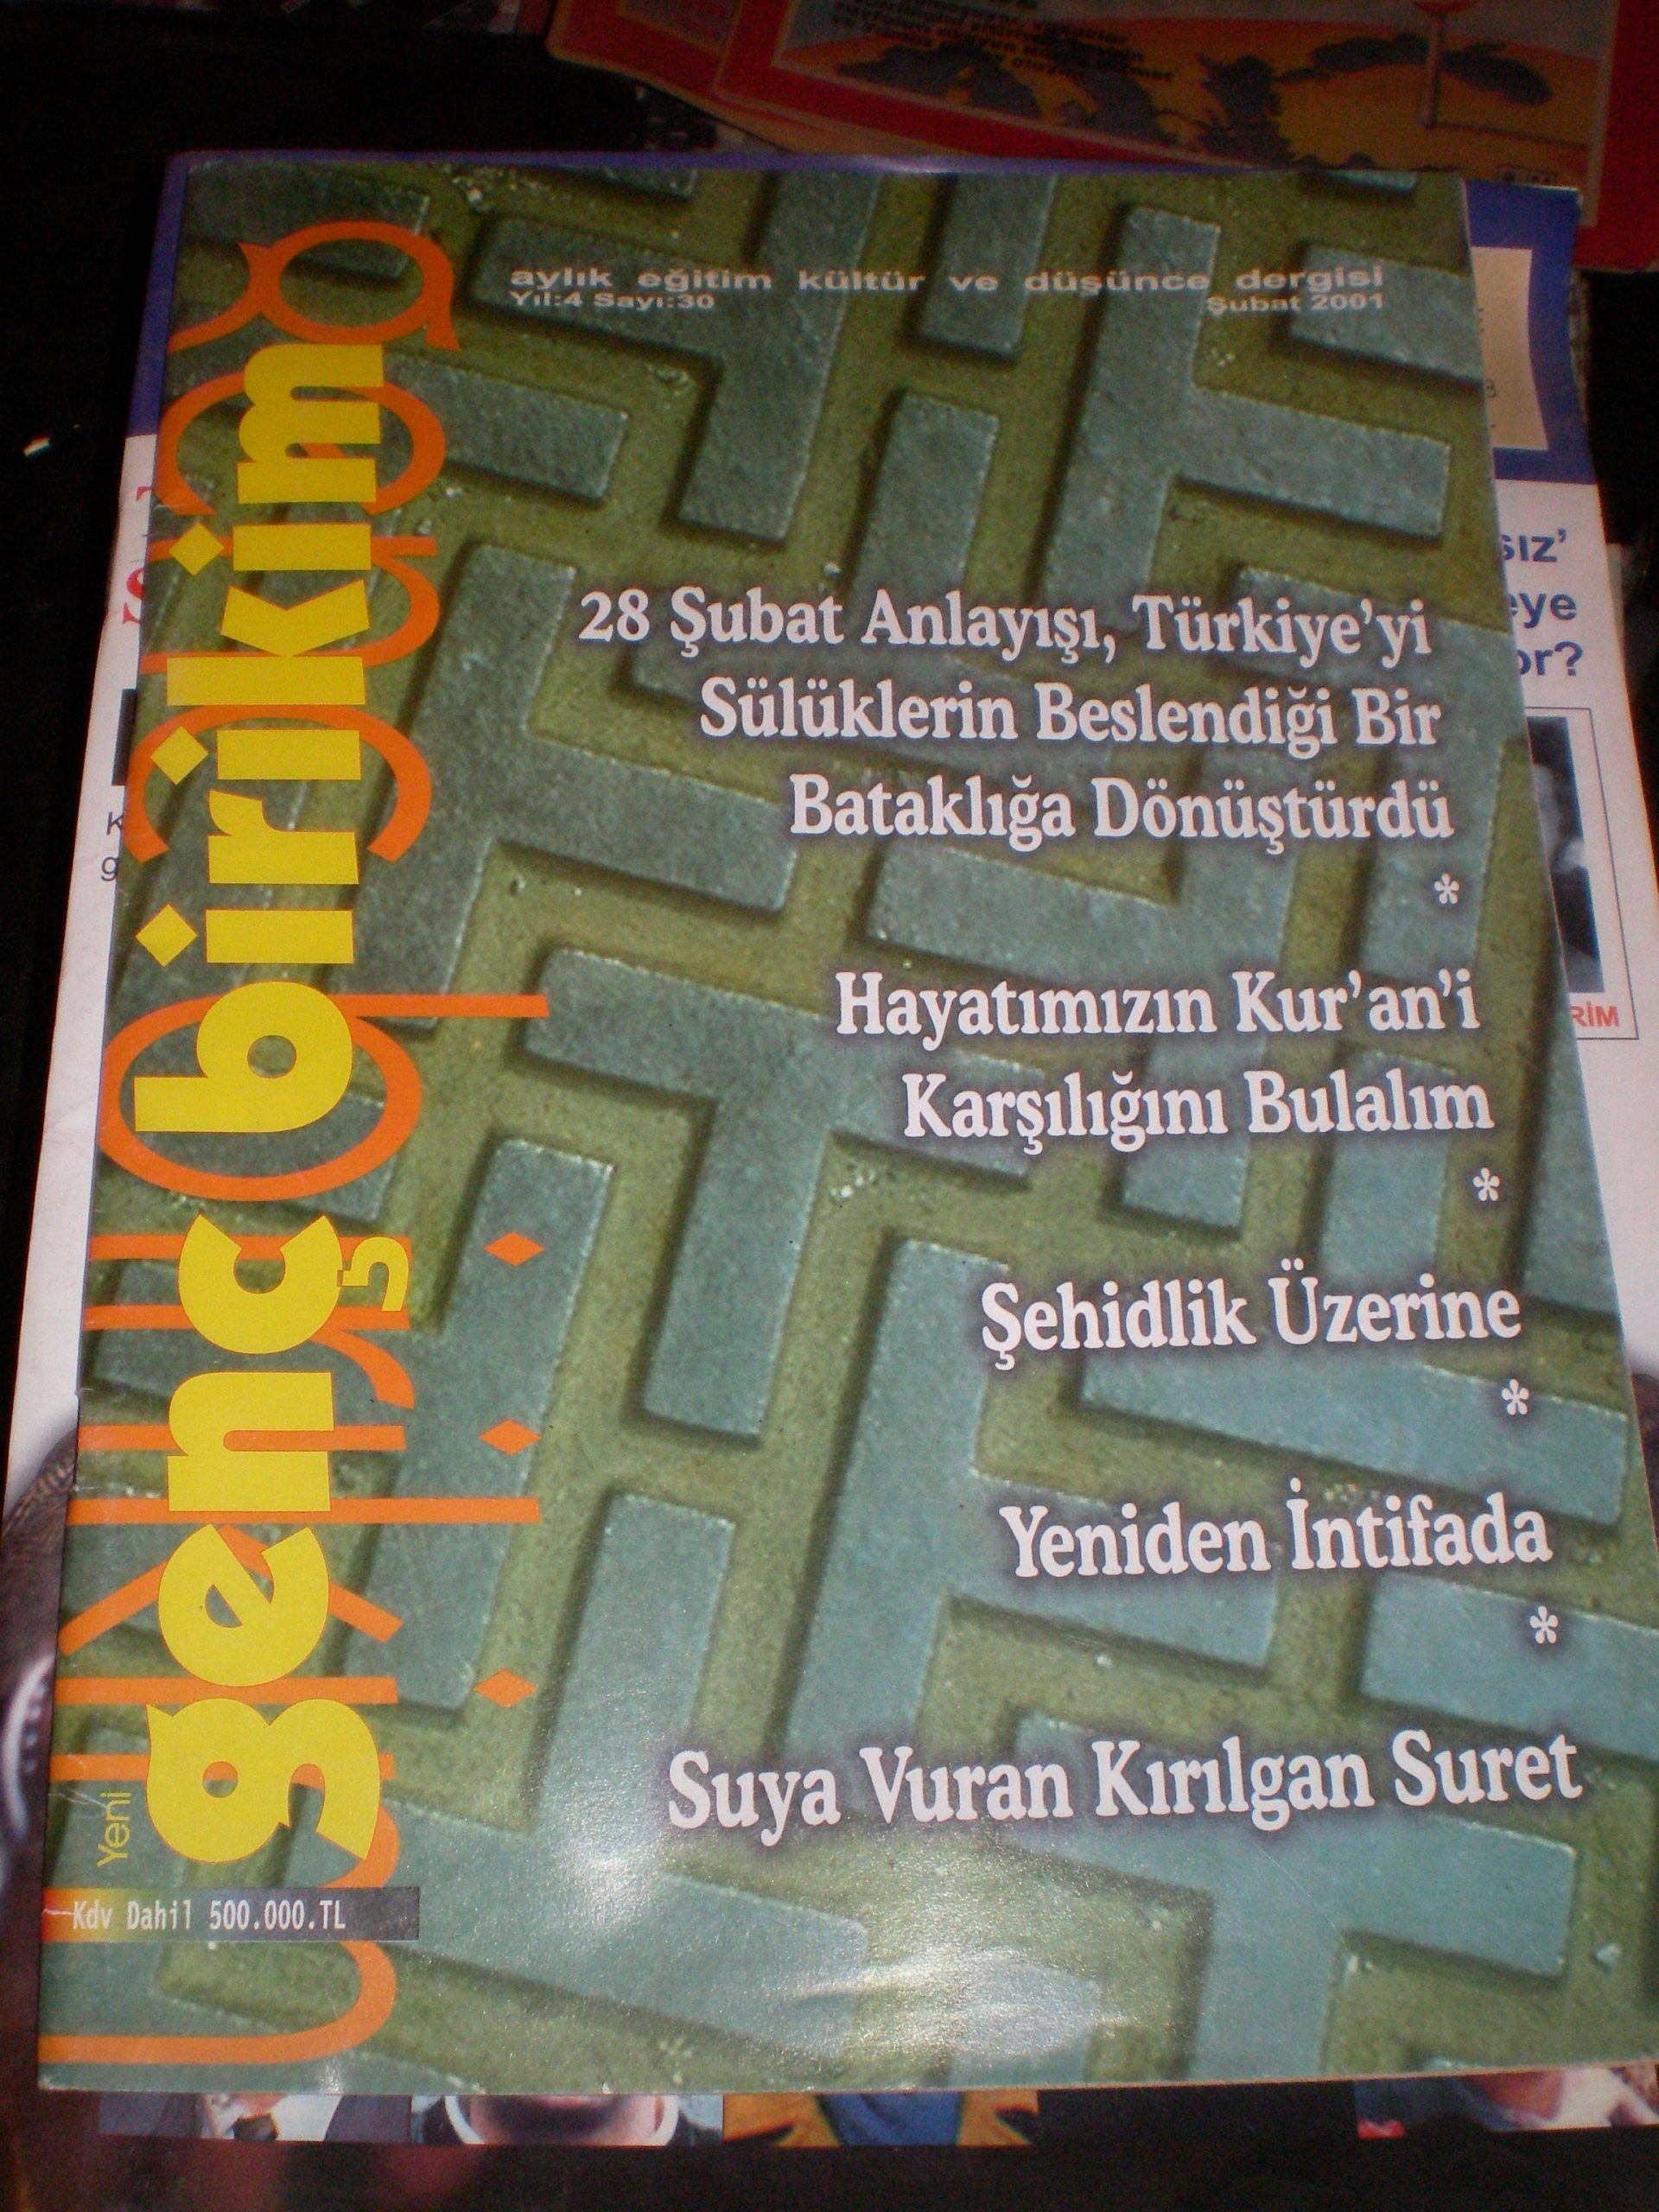 GENÇ BİRİKİM-Aylık eğitim-kültür-düşünce dergisi- ŞUBAT 2001sayı30/1 adet/5 tl